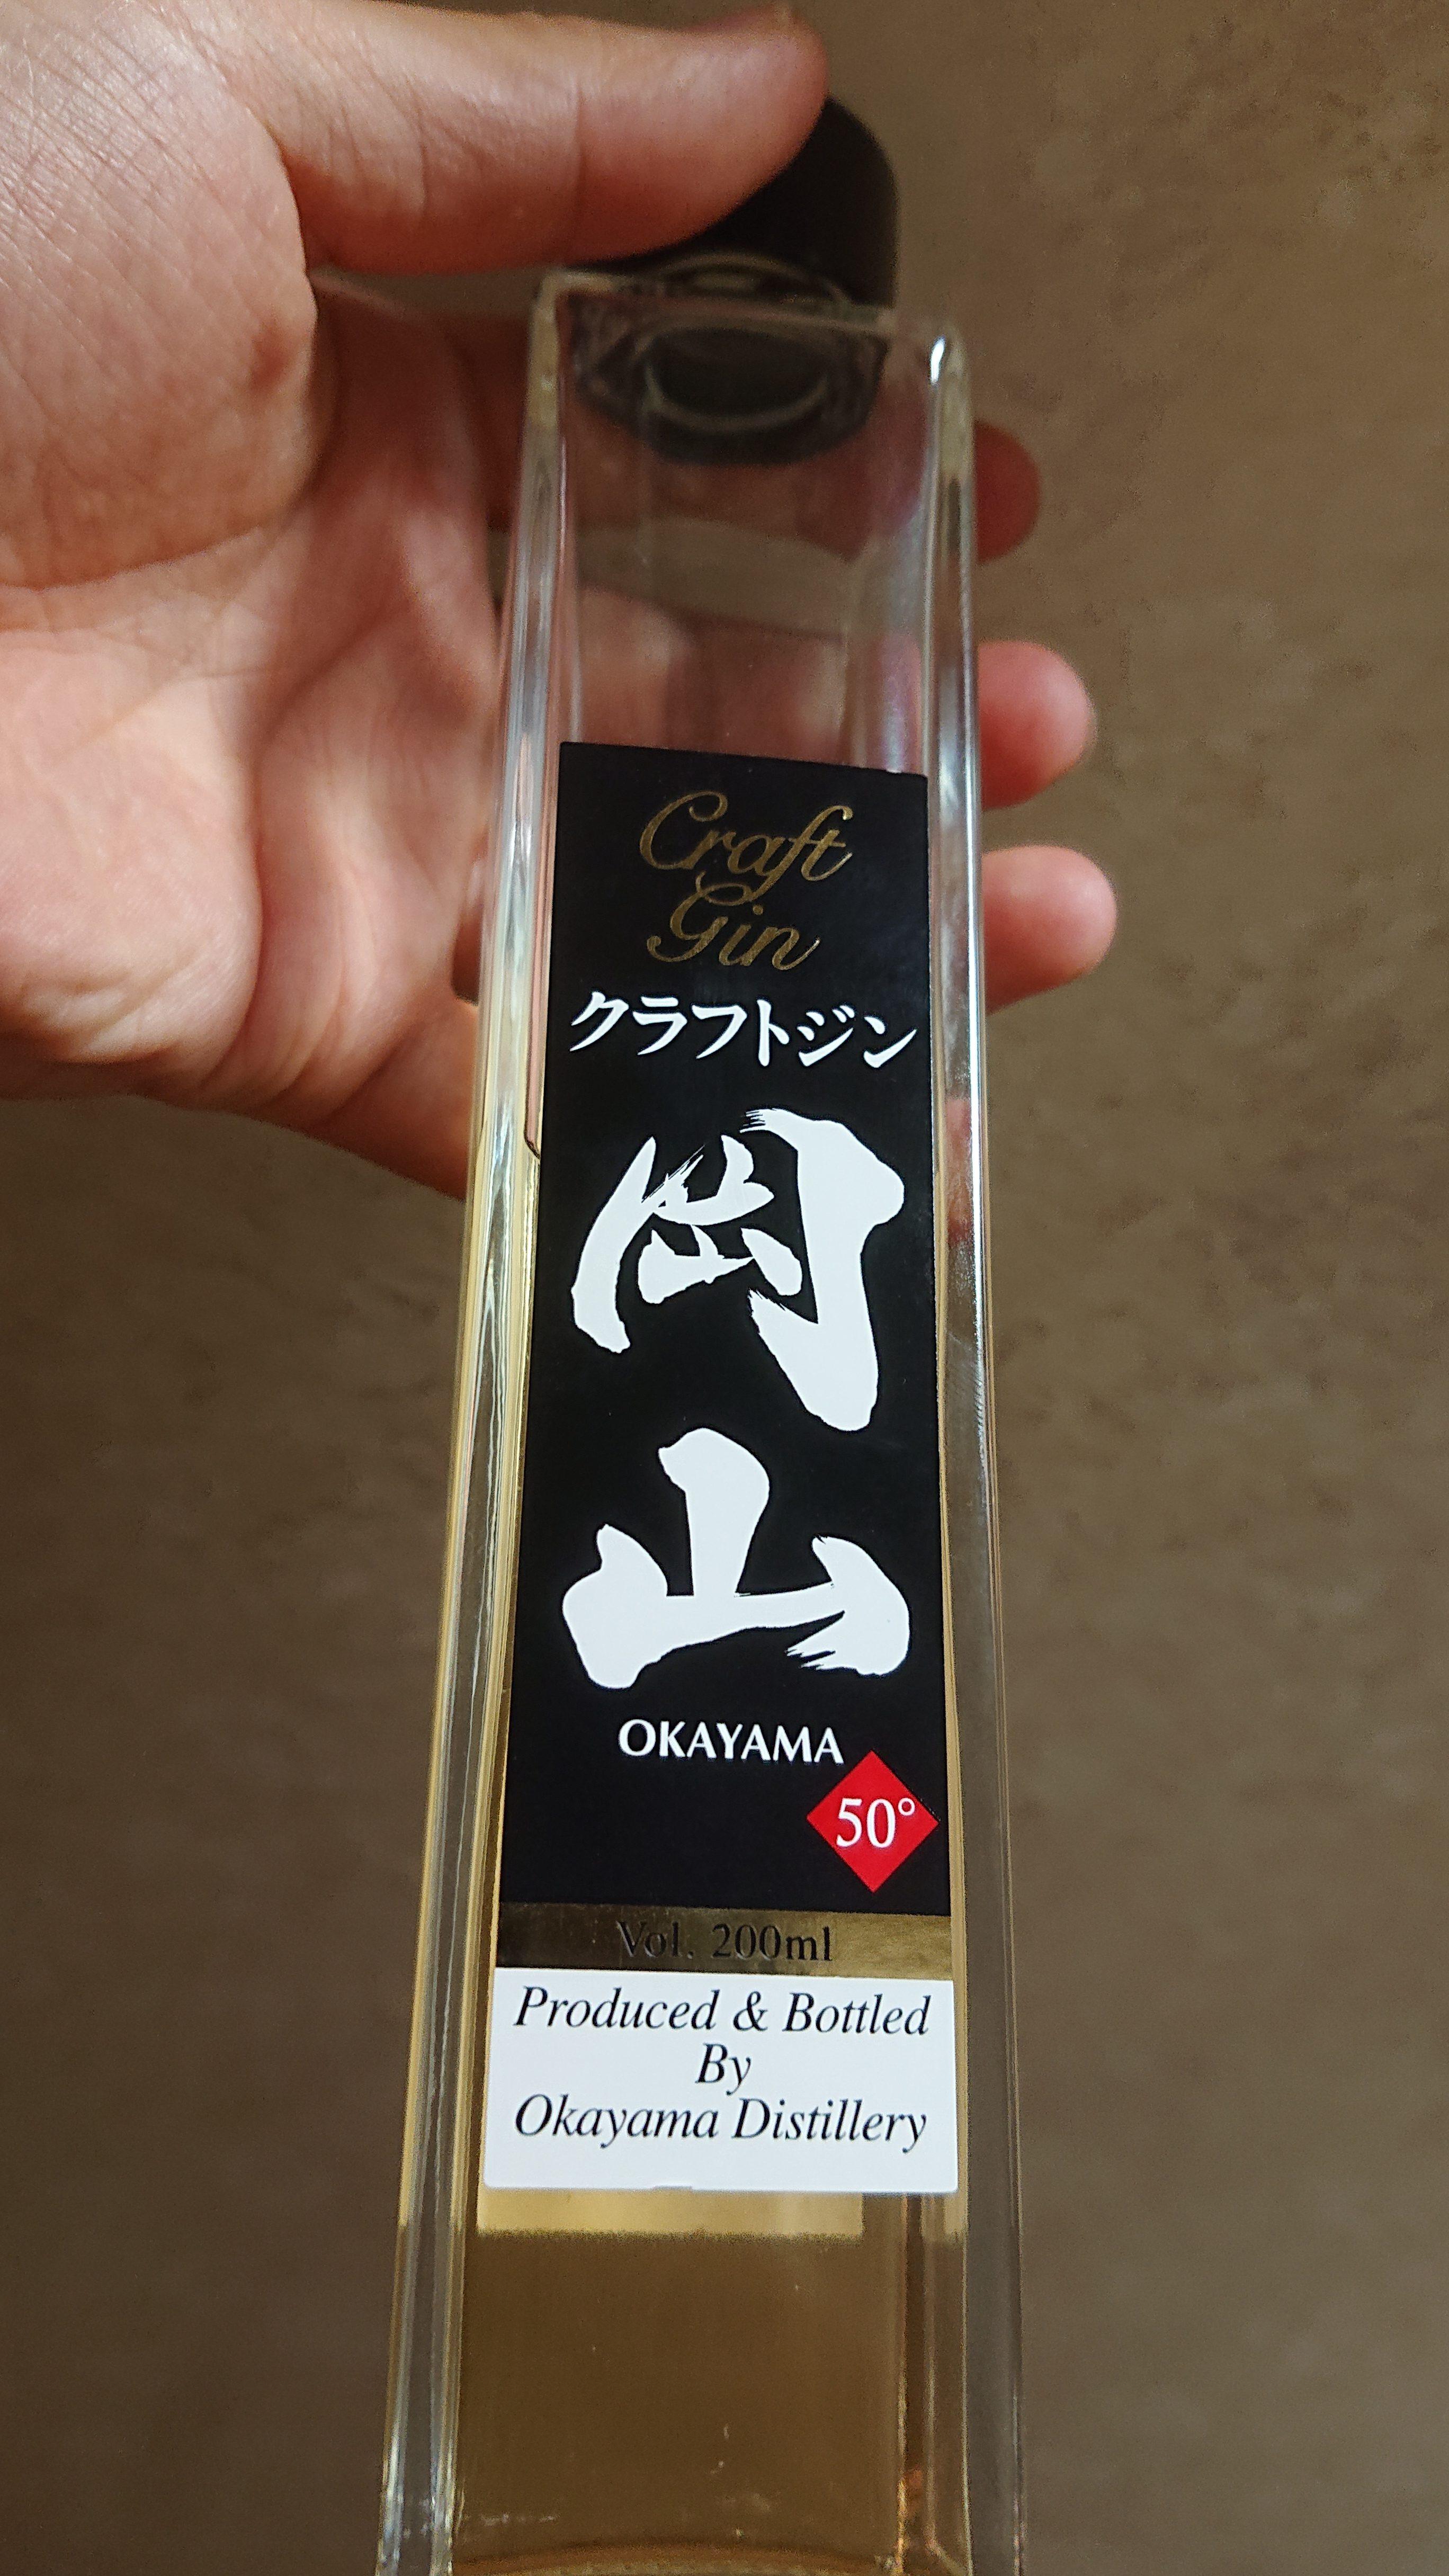 クラフトジン岡山のテイスティング・老舗酒造の樫樽熟成ジンは鮮烈にスパイシー